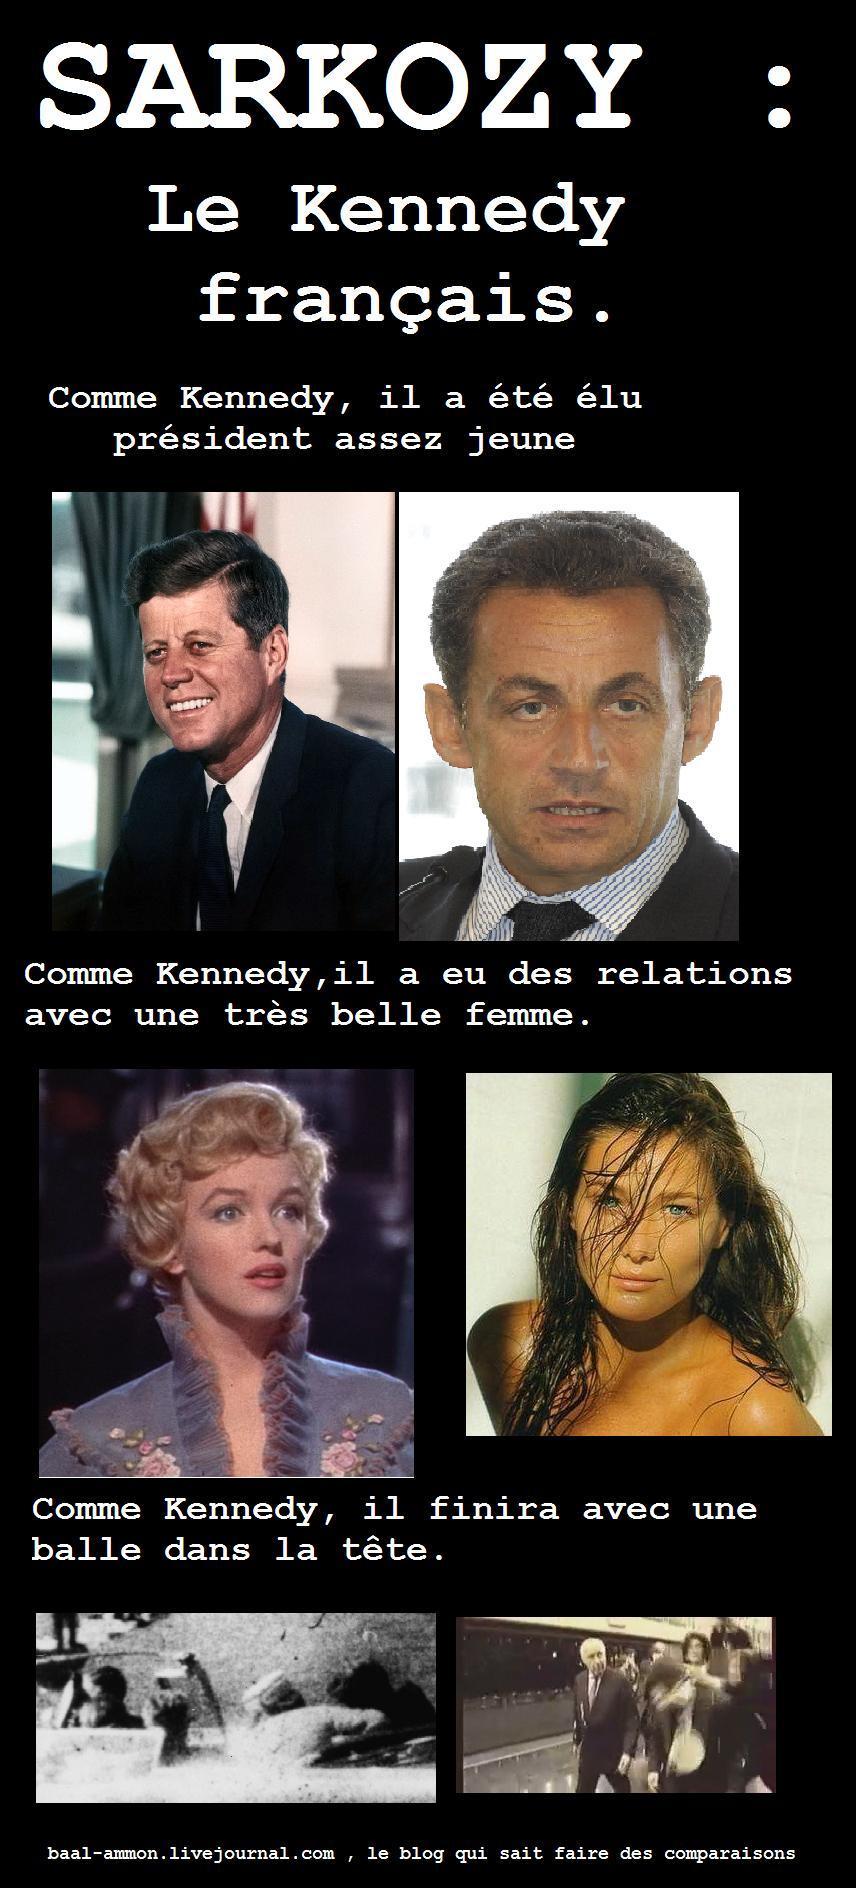 Sarkozy : Le Kennedy Français. Comme Kenney, il a été élu assez jeune. Comme Kennedy, il a eu des relations avec une très belle femme. Comme Kenney, il finira avec une balle dans la tête.